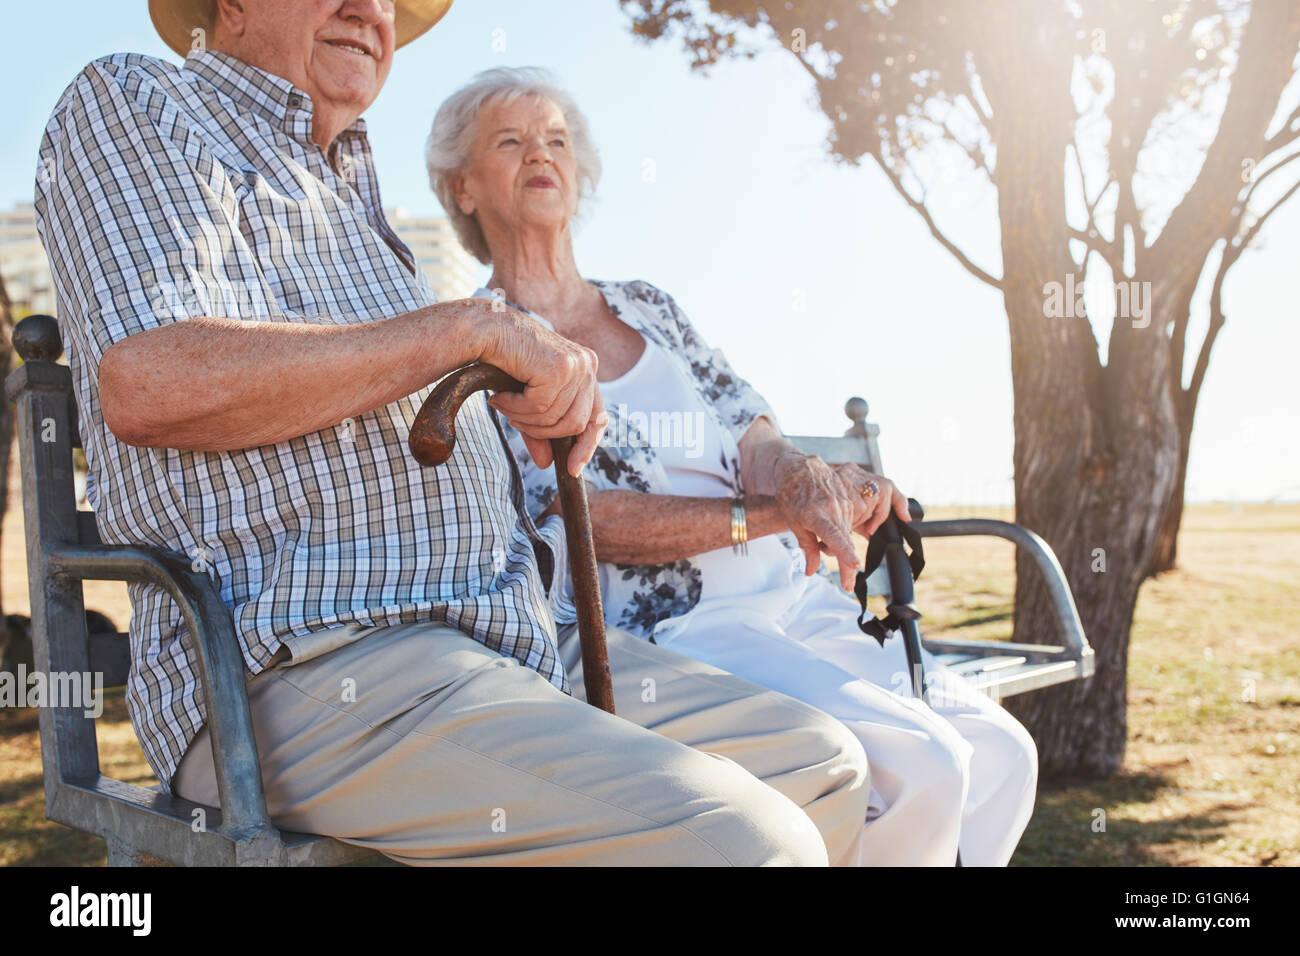 Senior paar sitzt auf einer Parkbank mit Gehstock. Älteres Paar an einem Sommertag im Freien entspannen. Stockbild